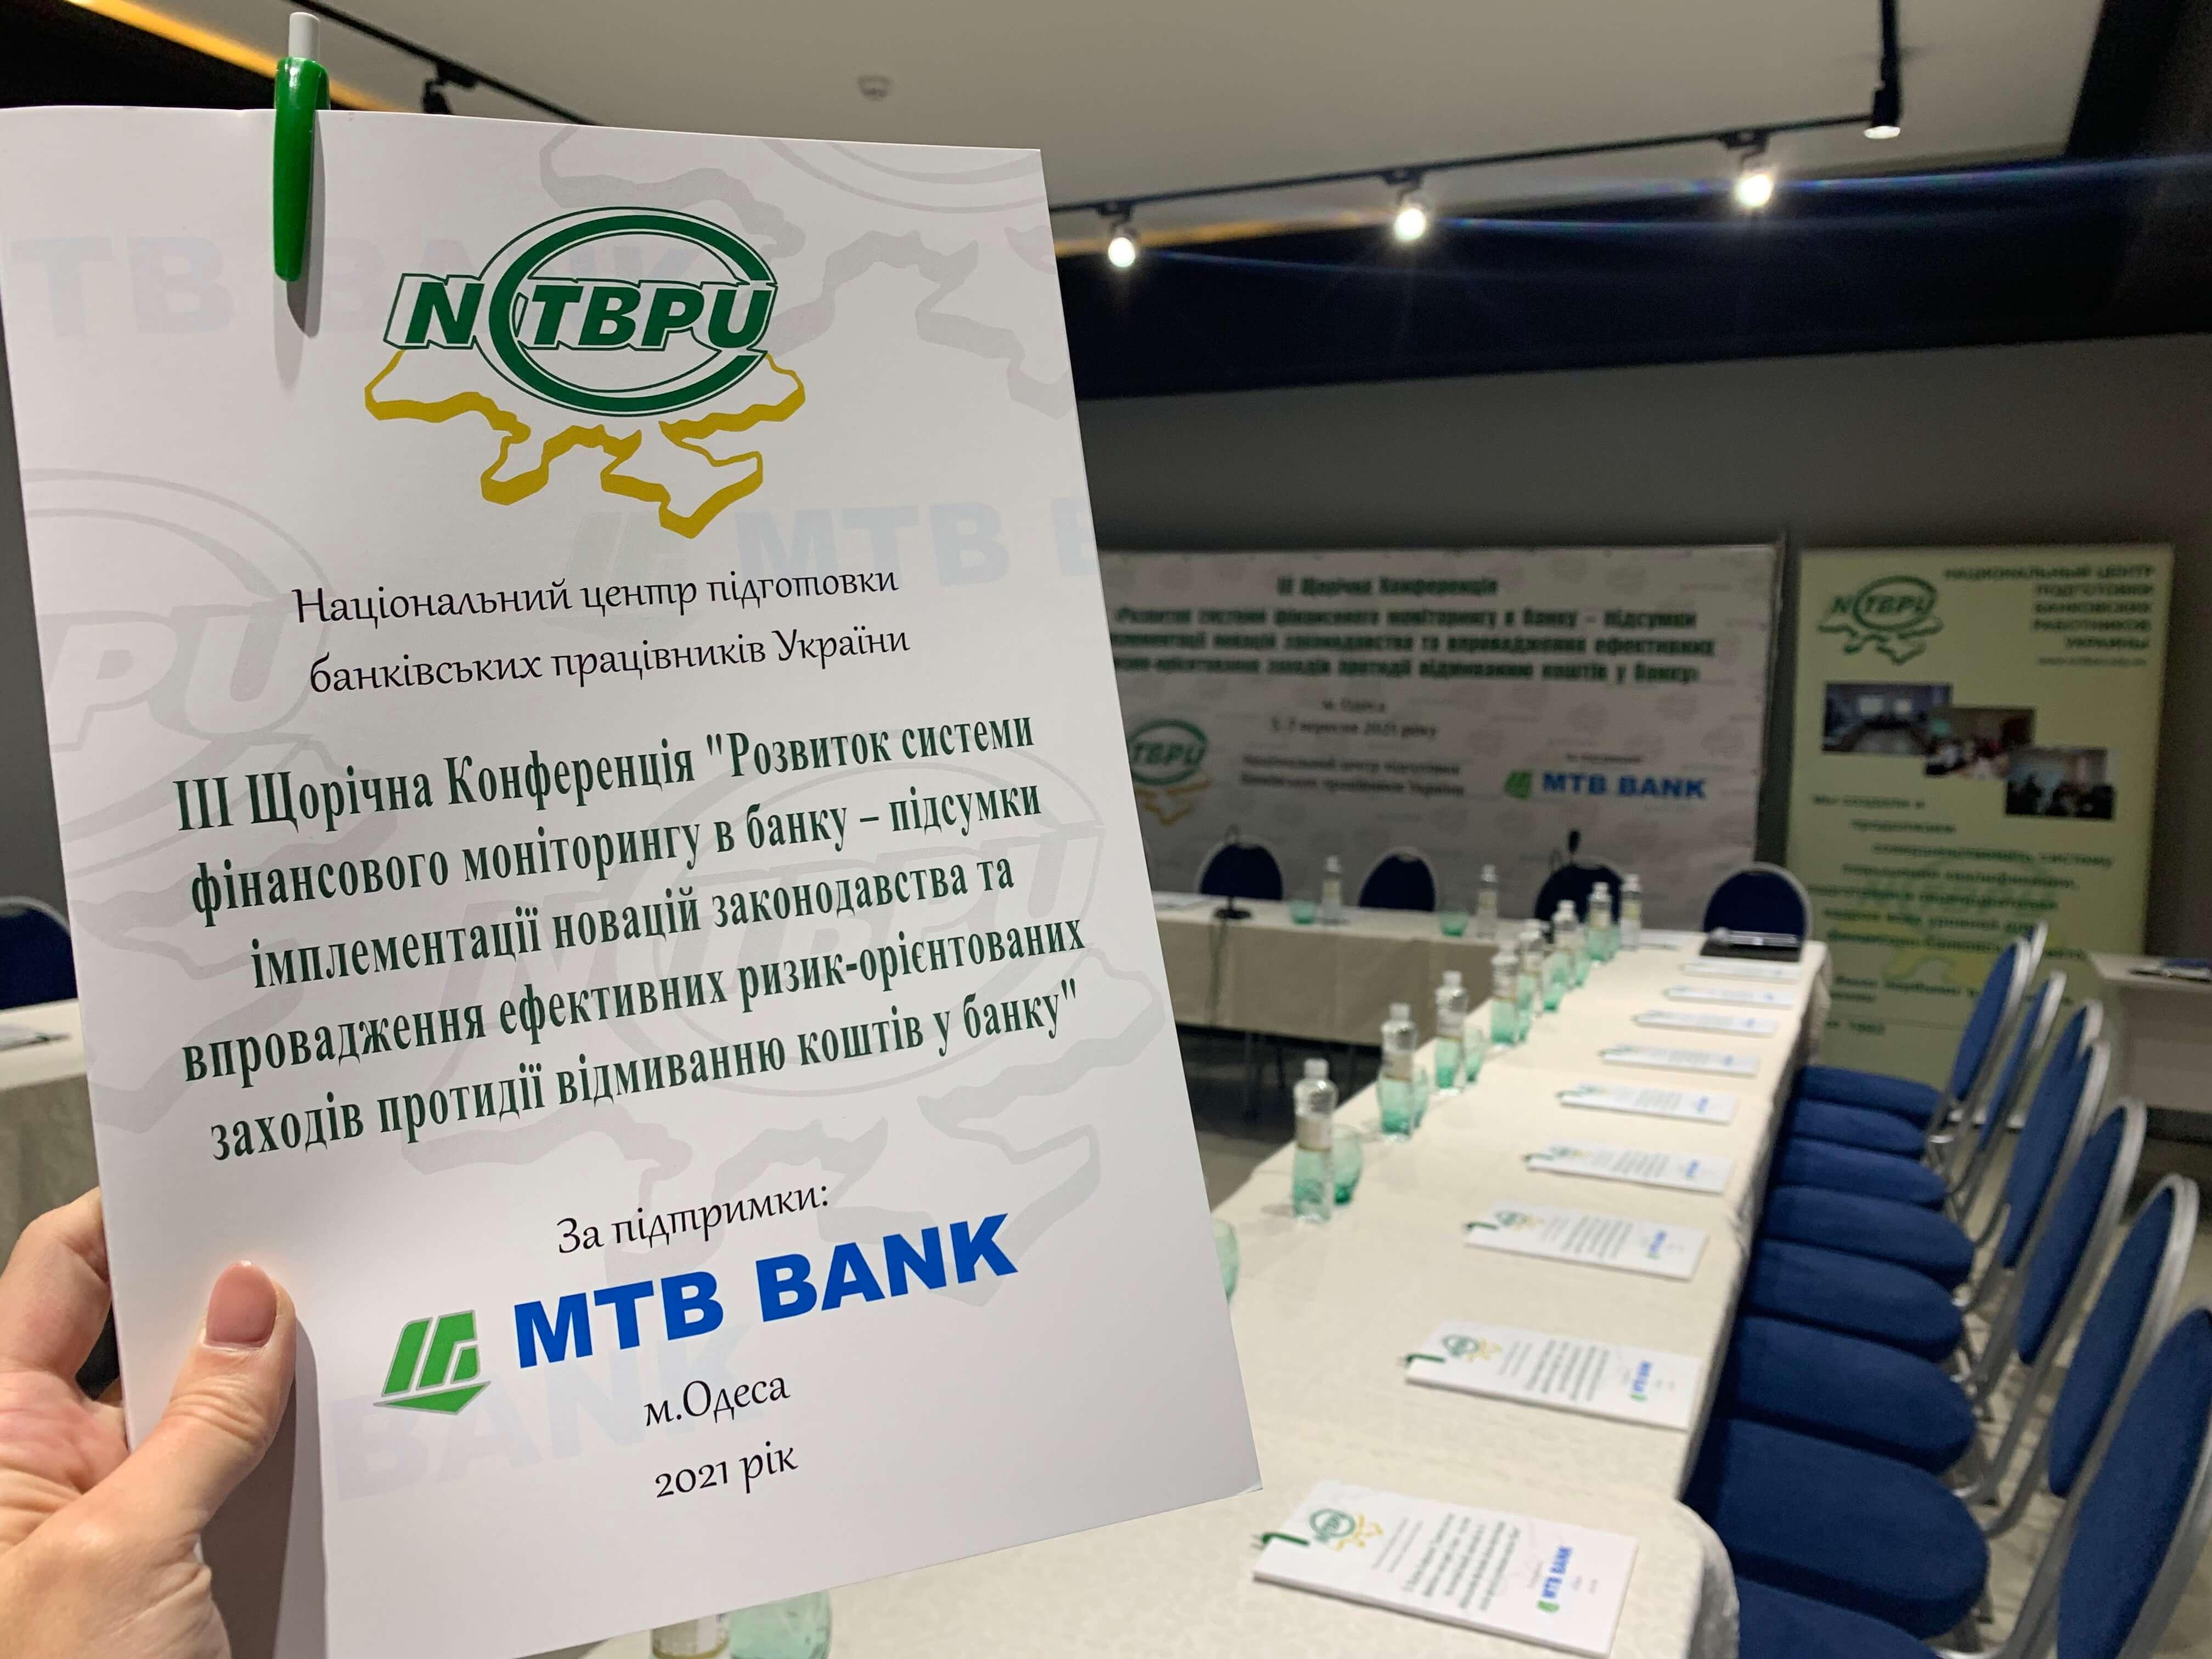 Підписано Меморандум між «ПАТ «МТБ БАНК» та Національним центром підготовки банківських працівників України - фото - mtb.ua